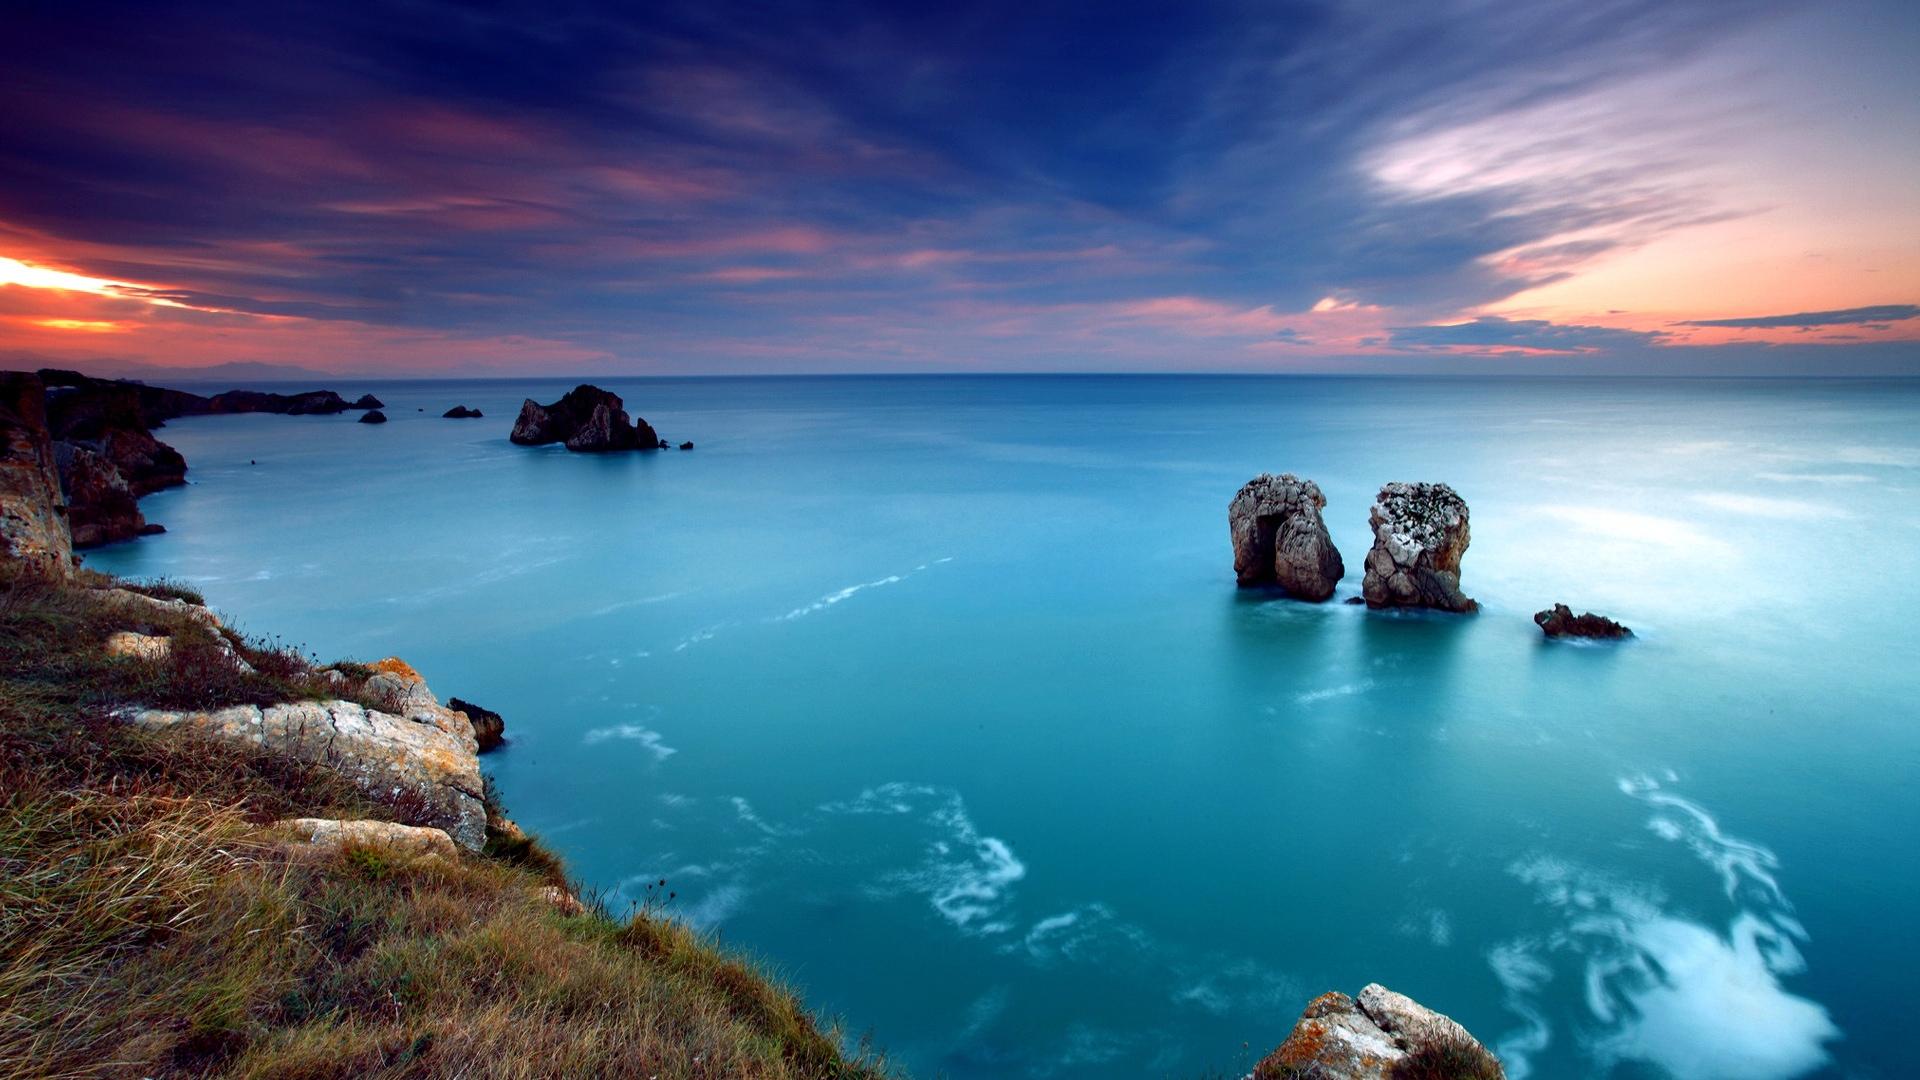 Ocean View | Full HD Desktop Wallpapers 1080p